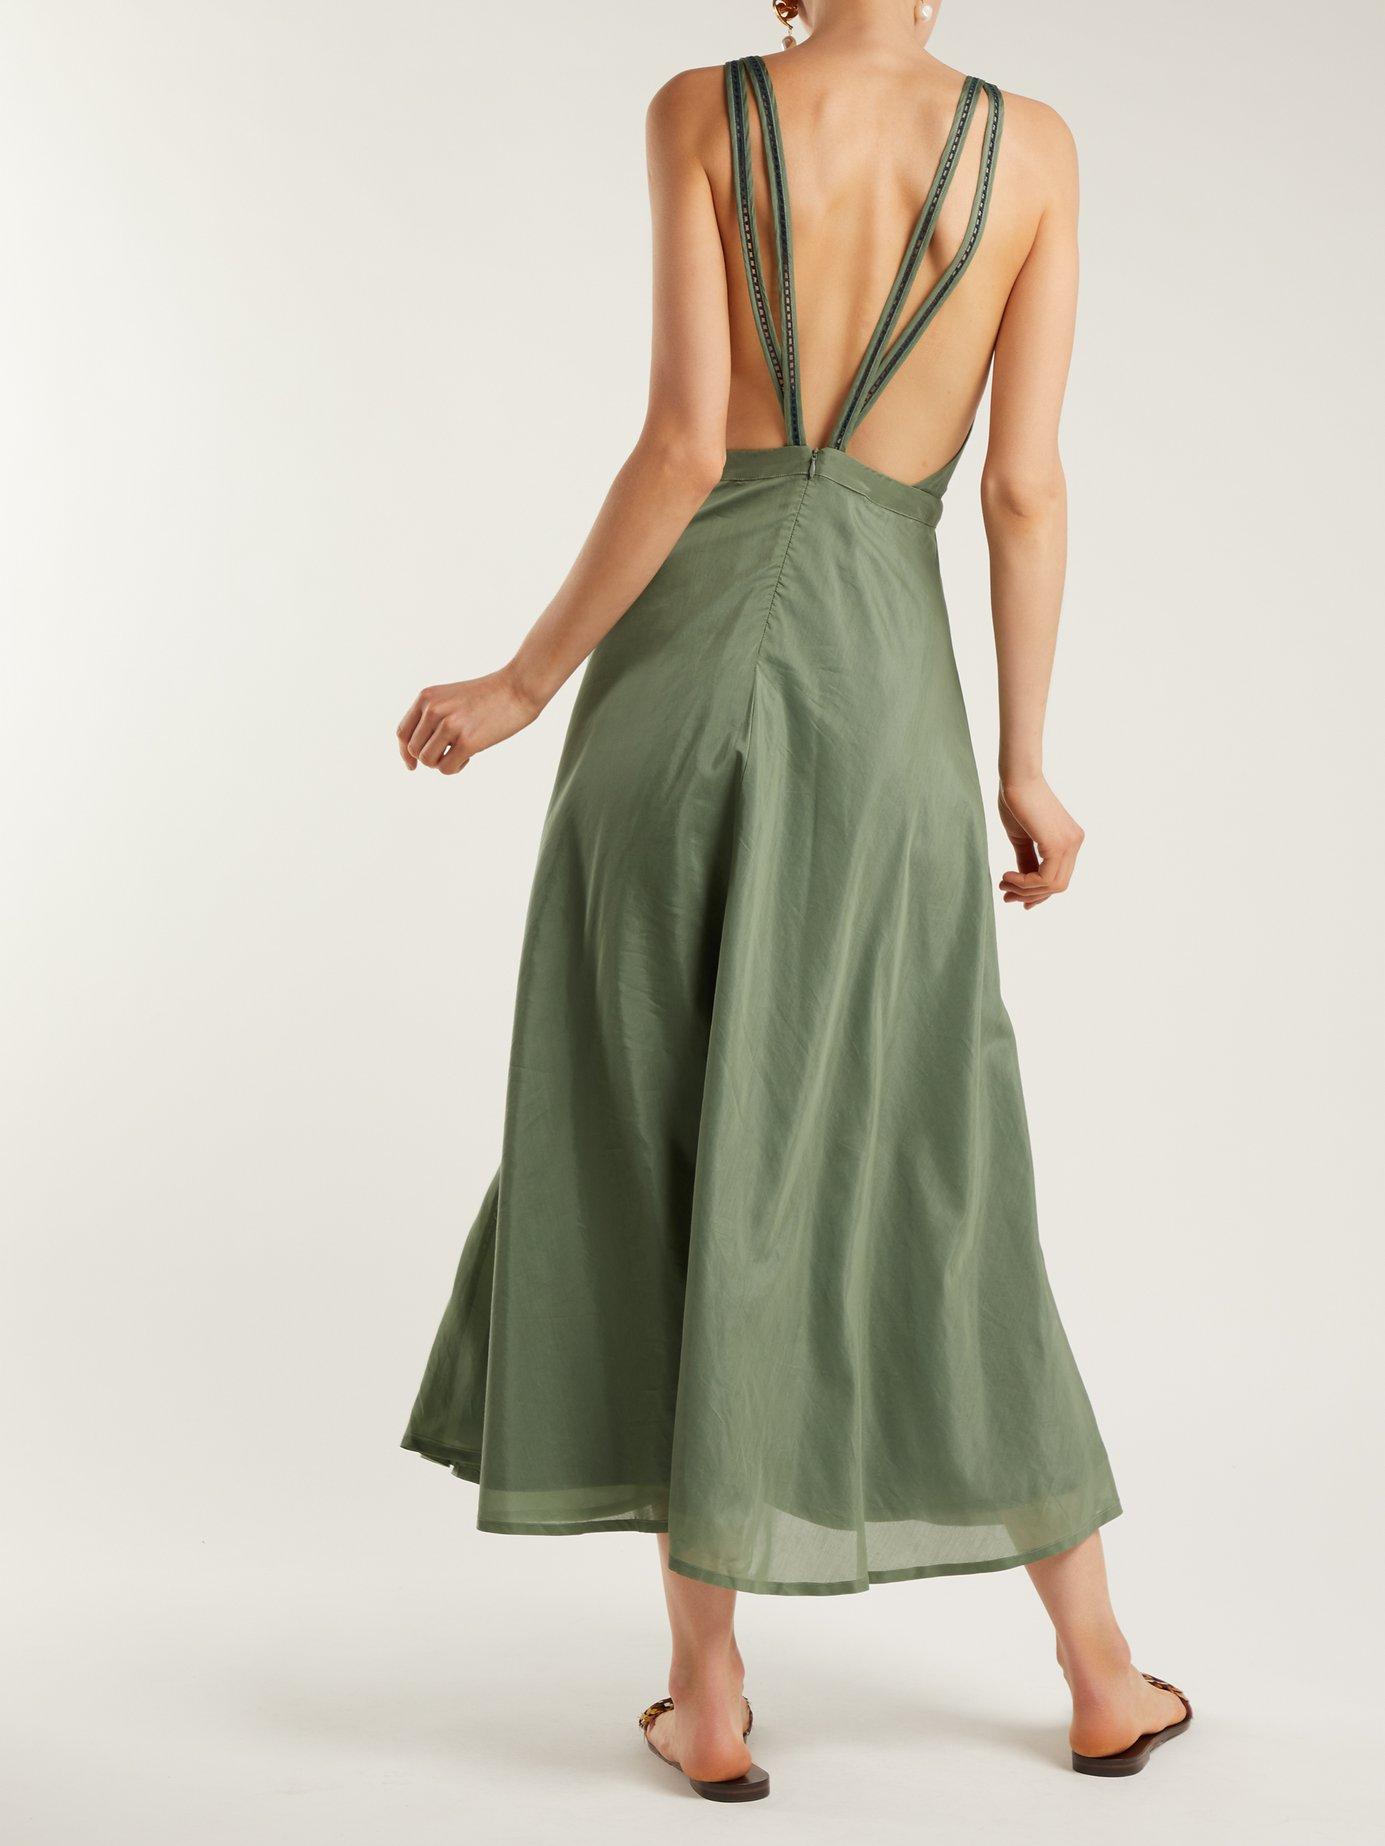 Jagger cotton-blend dress by Kalita